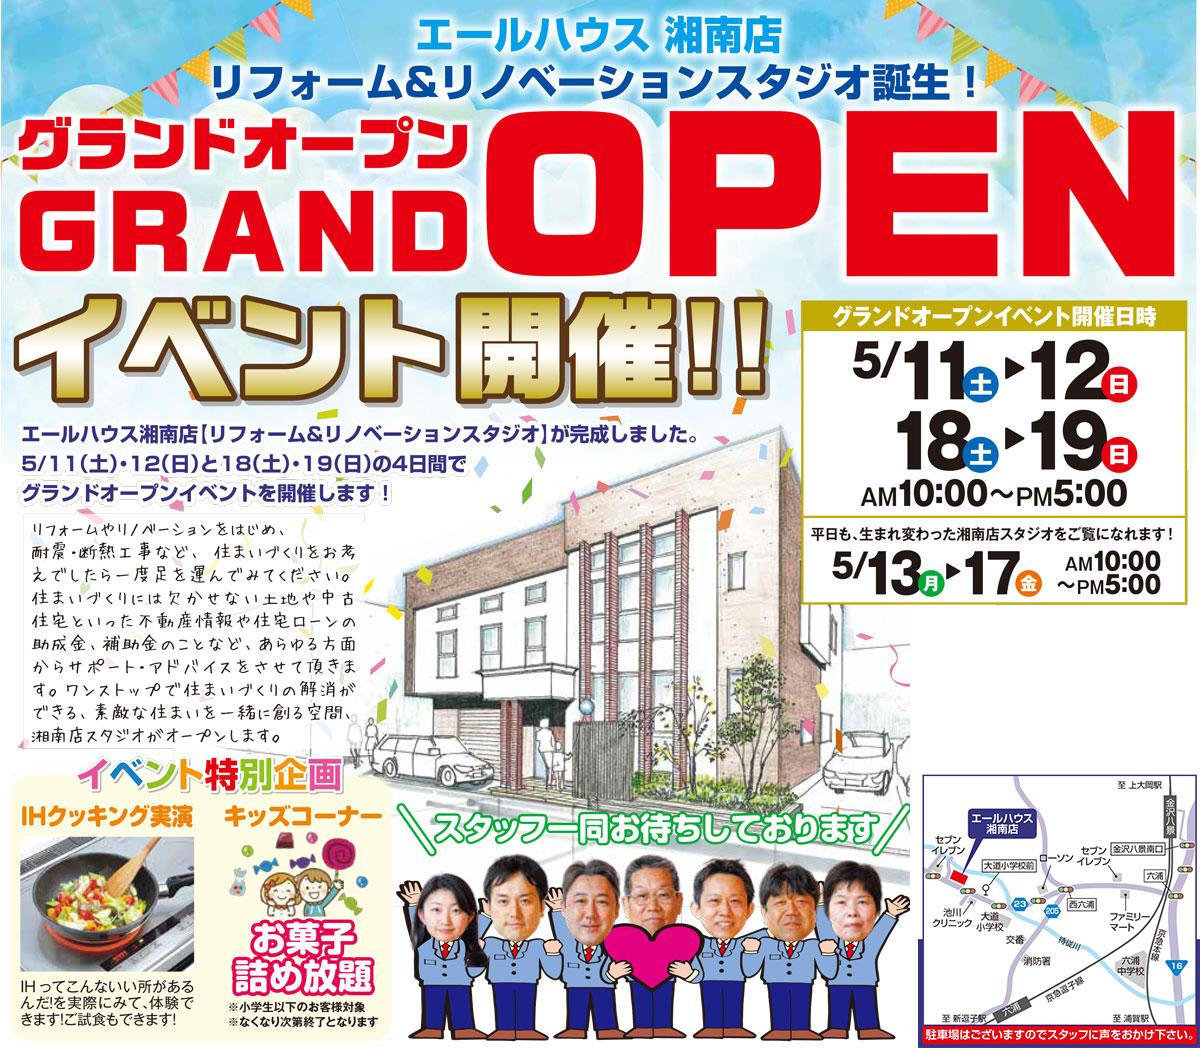 エールハウス 湘南店 リフォーム&リノベーションスタジオ誕生! グランドオープン